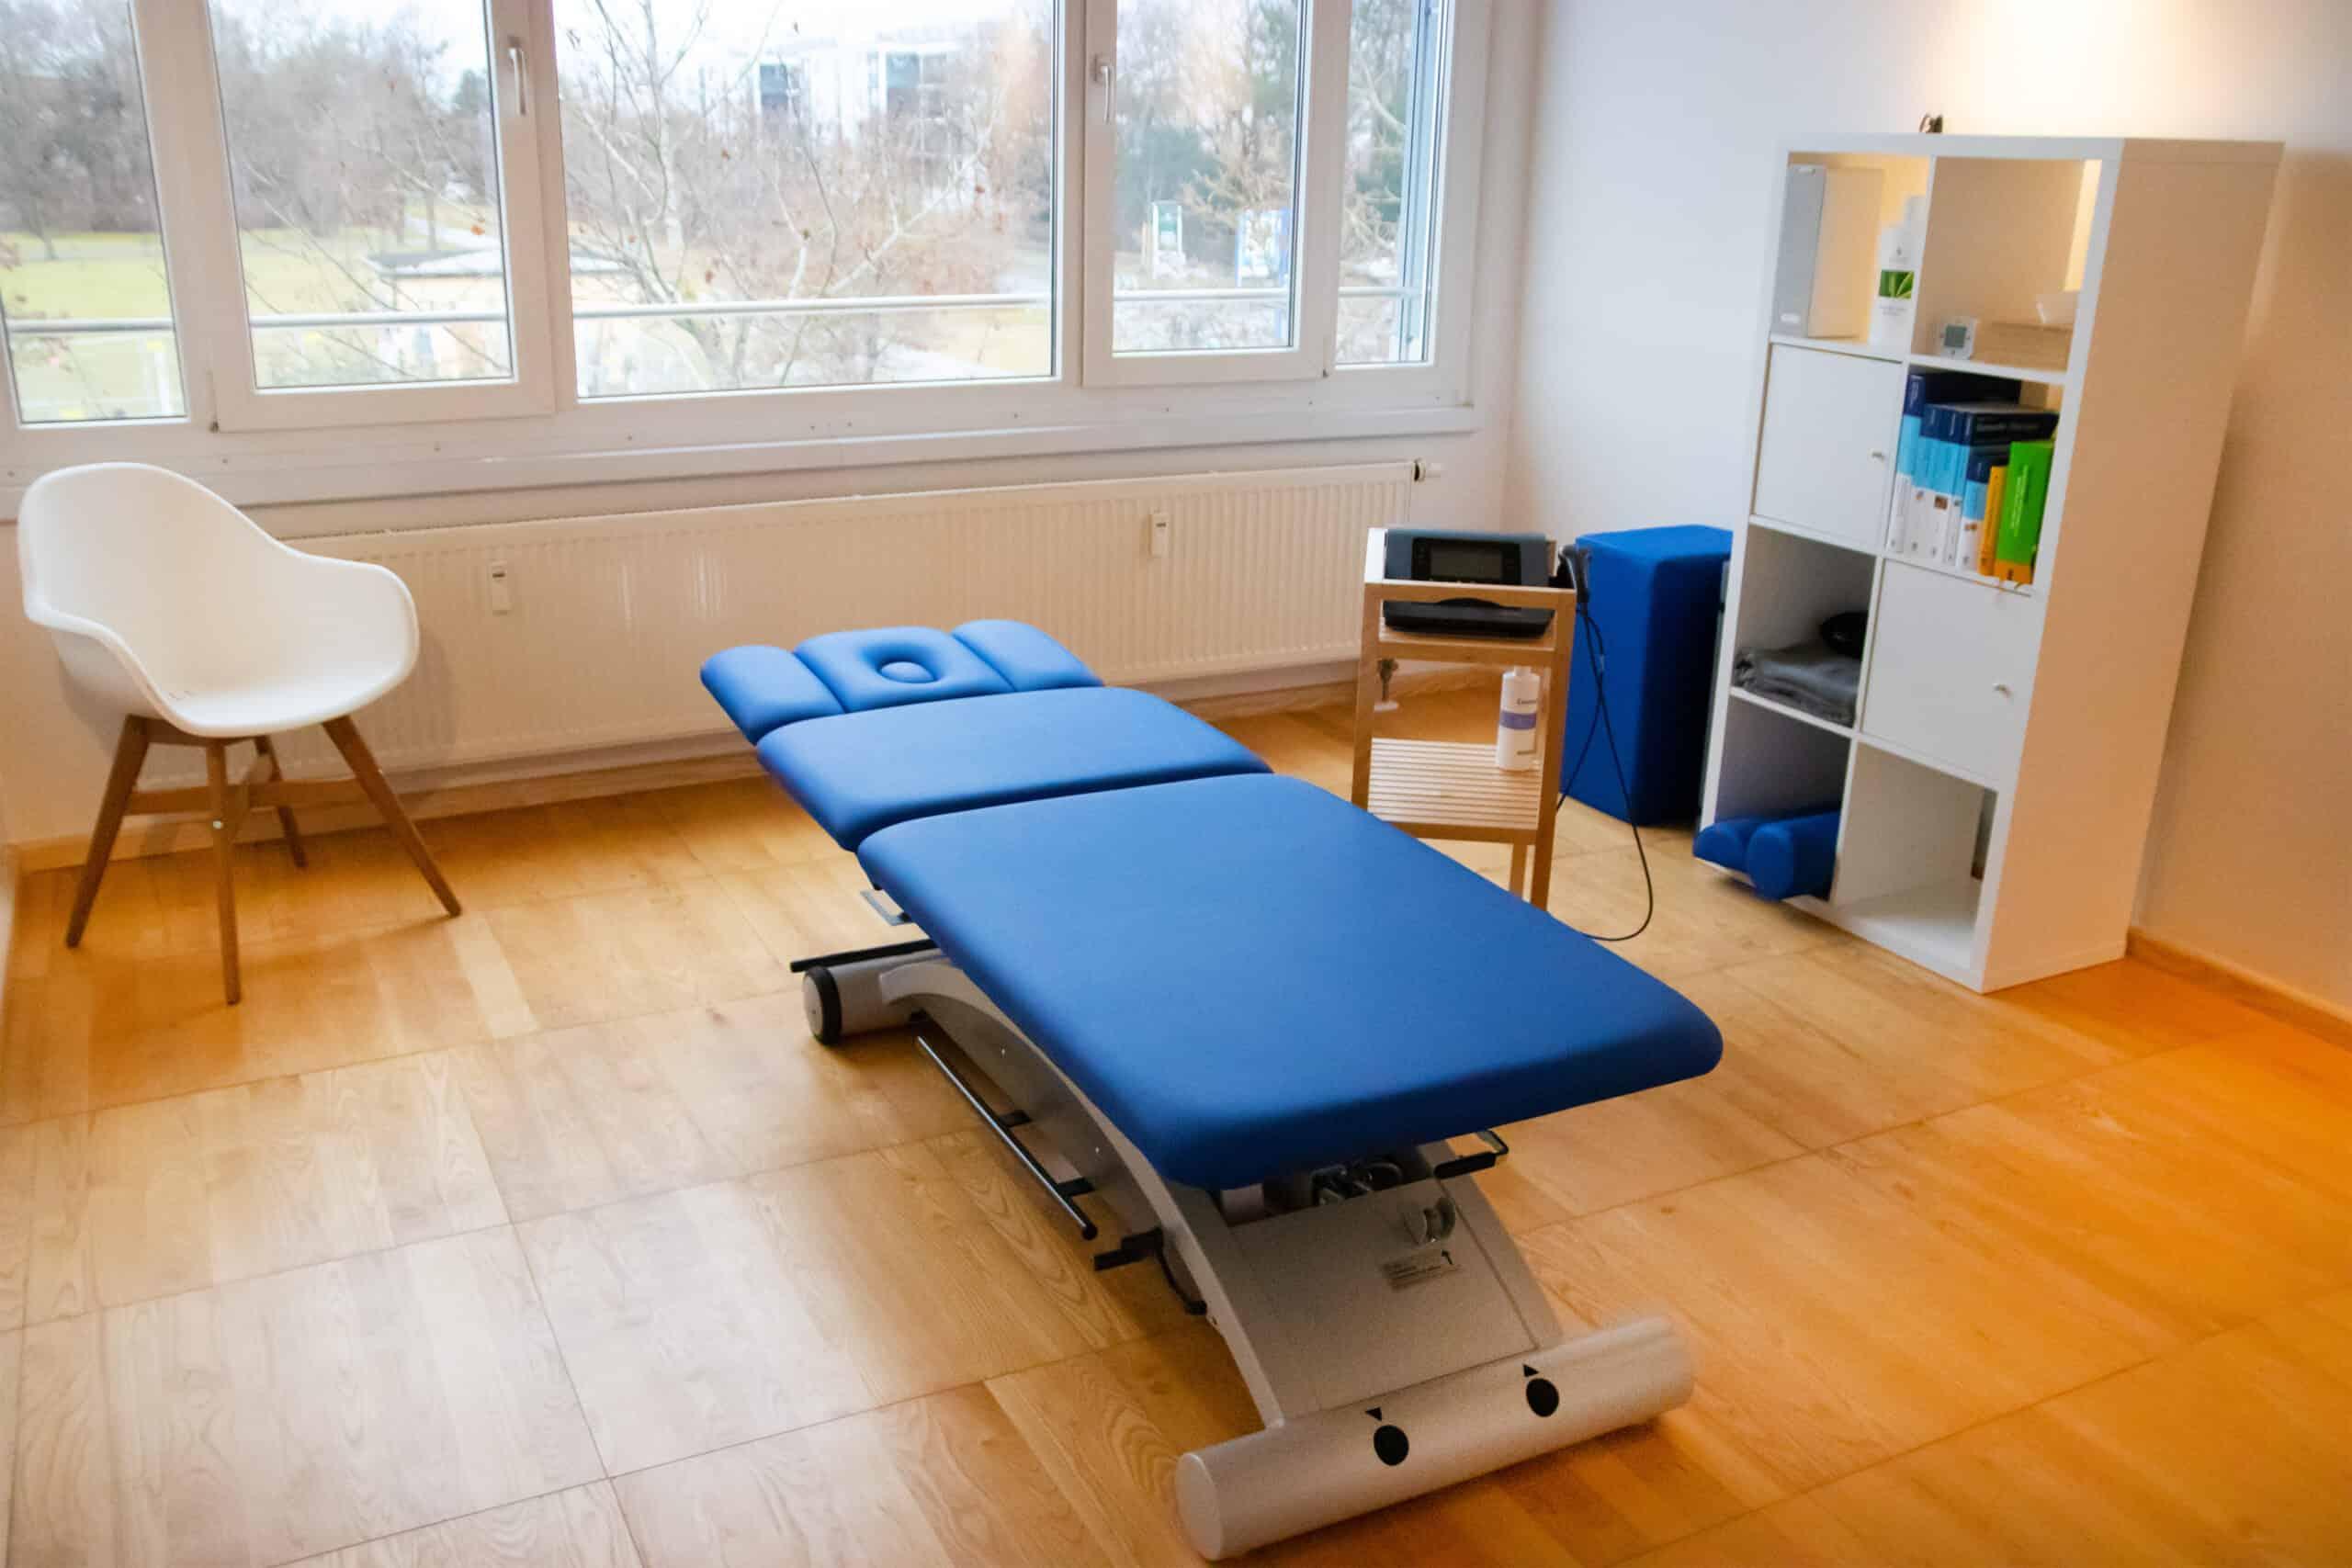 1_Servus_Moin_Physiotherapie_Behandlungsraum_Physiotherapie